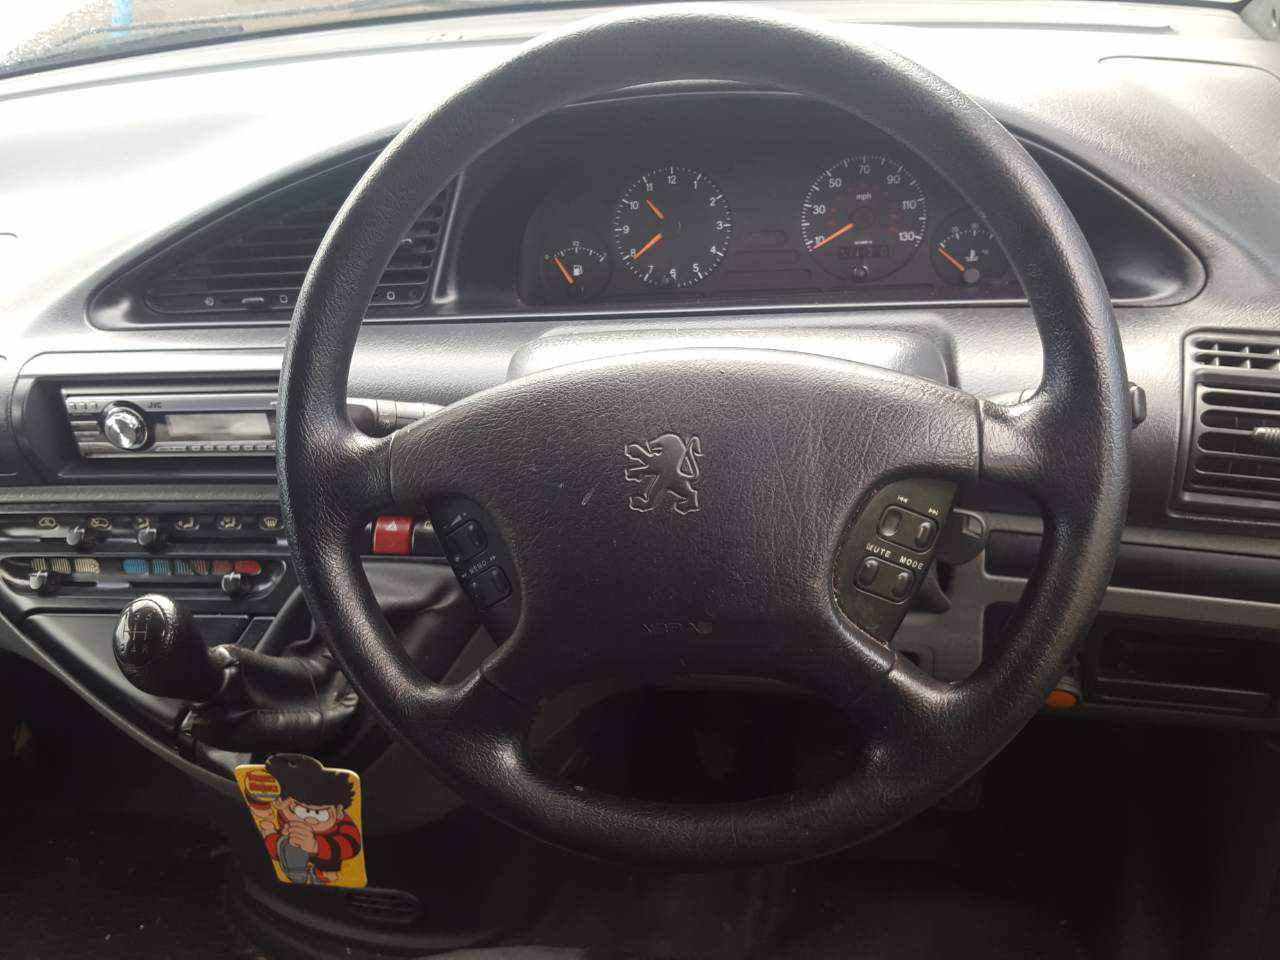 Двигатель (ДВС) Peugeot Expert 2002 Фургон Механика 1.9D 8v 69лс